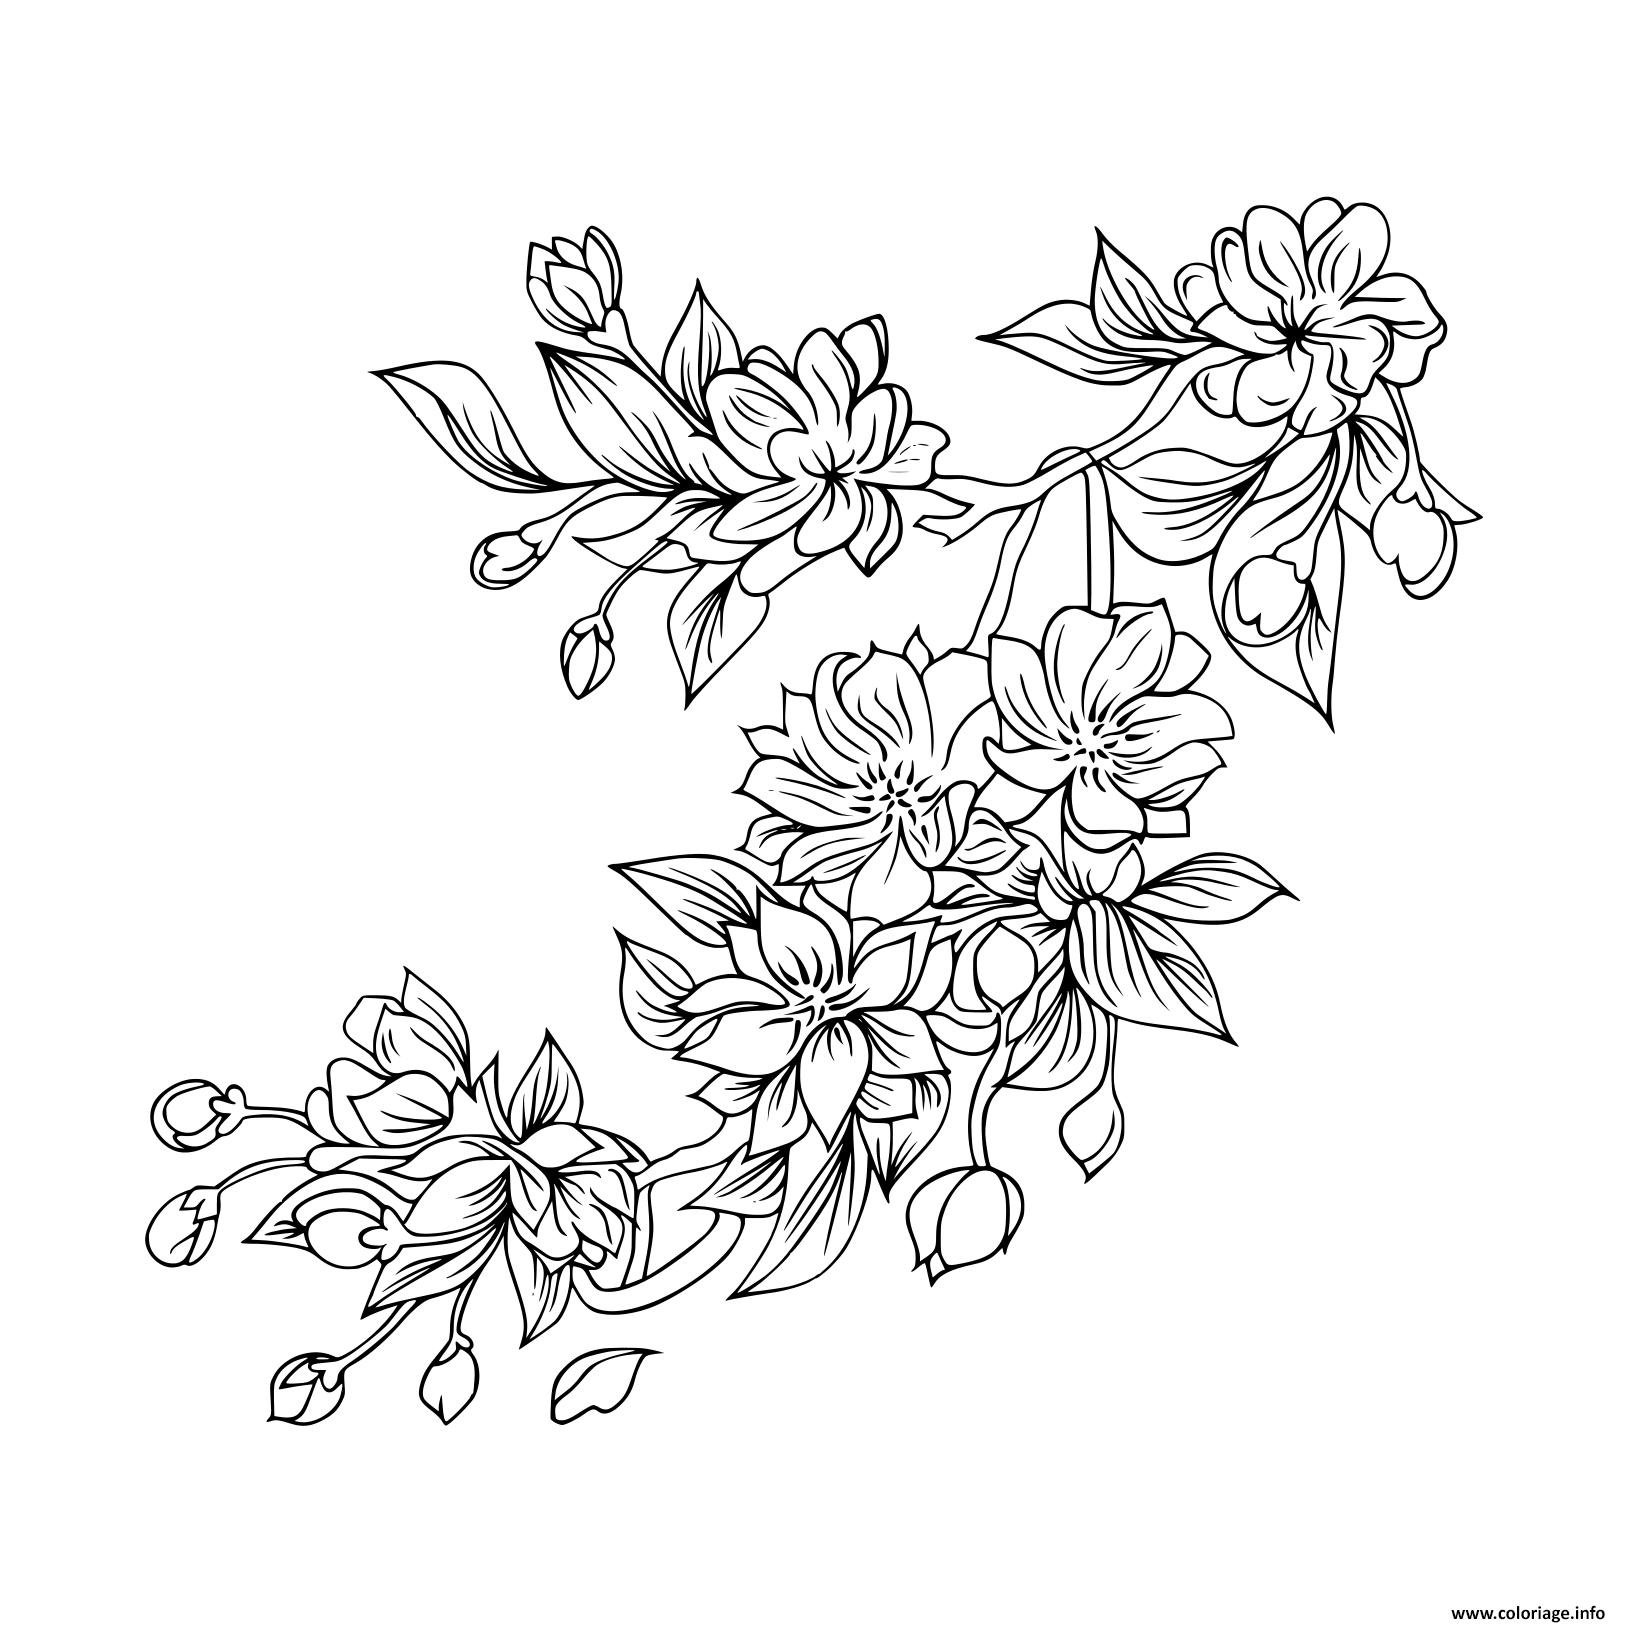 Dessin sakura fleurs japonaise Coloriage Gratuit à Imprimer